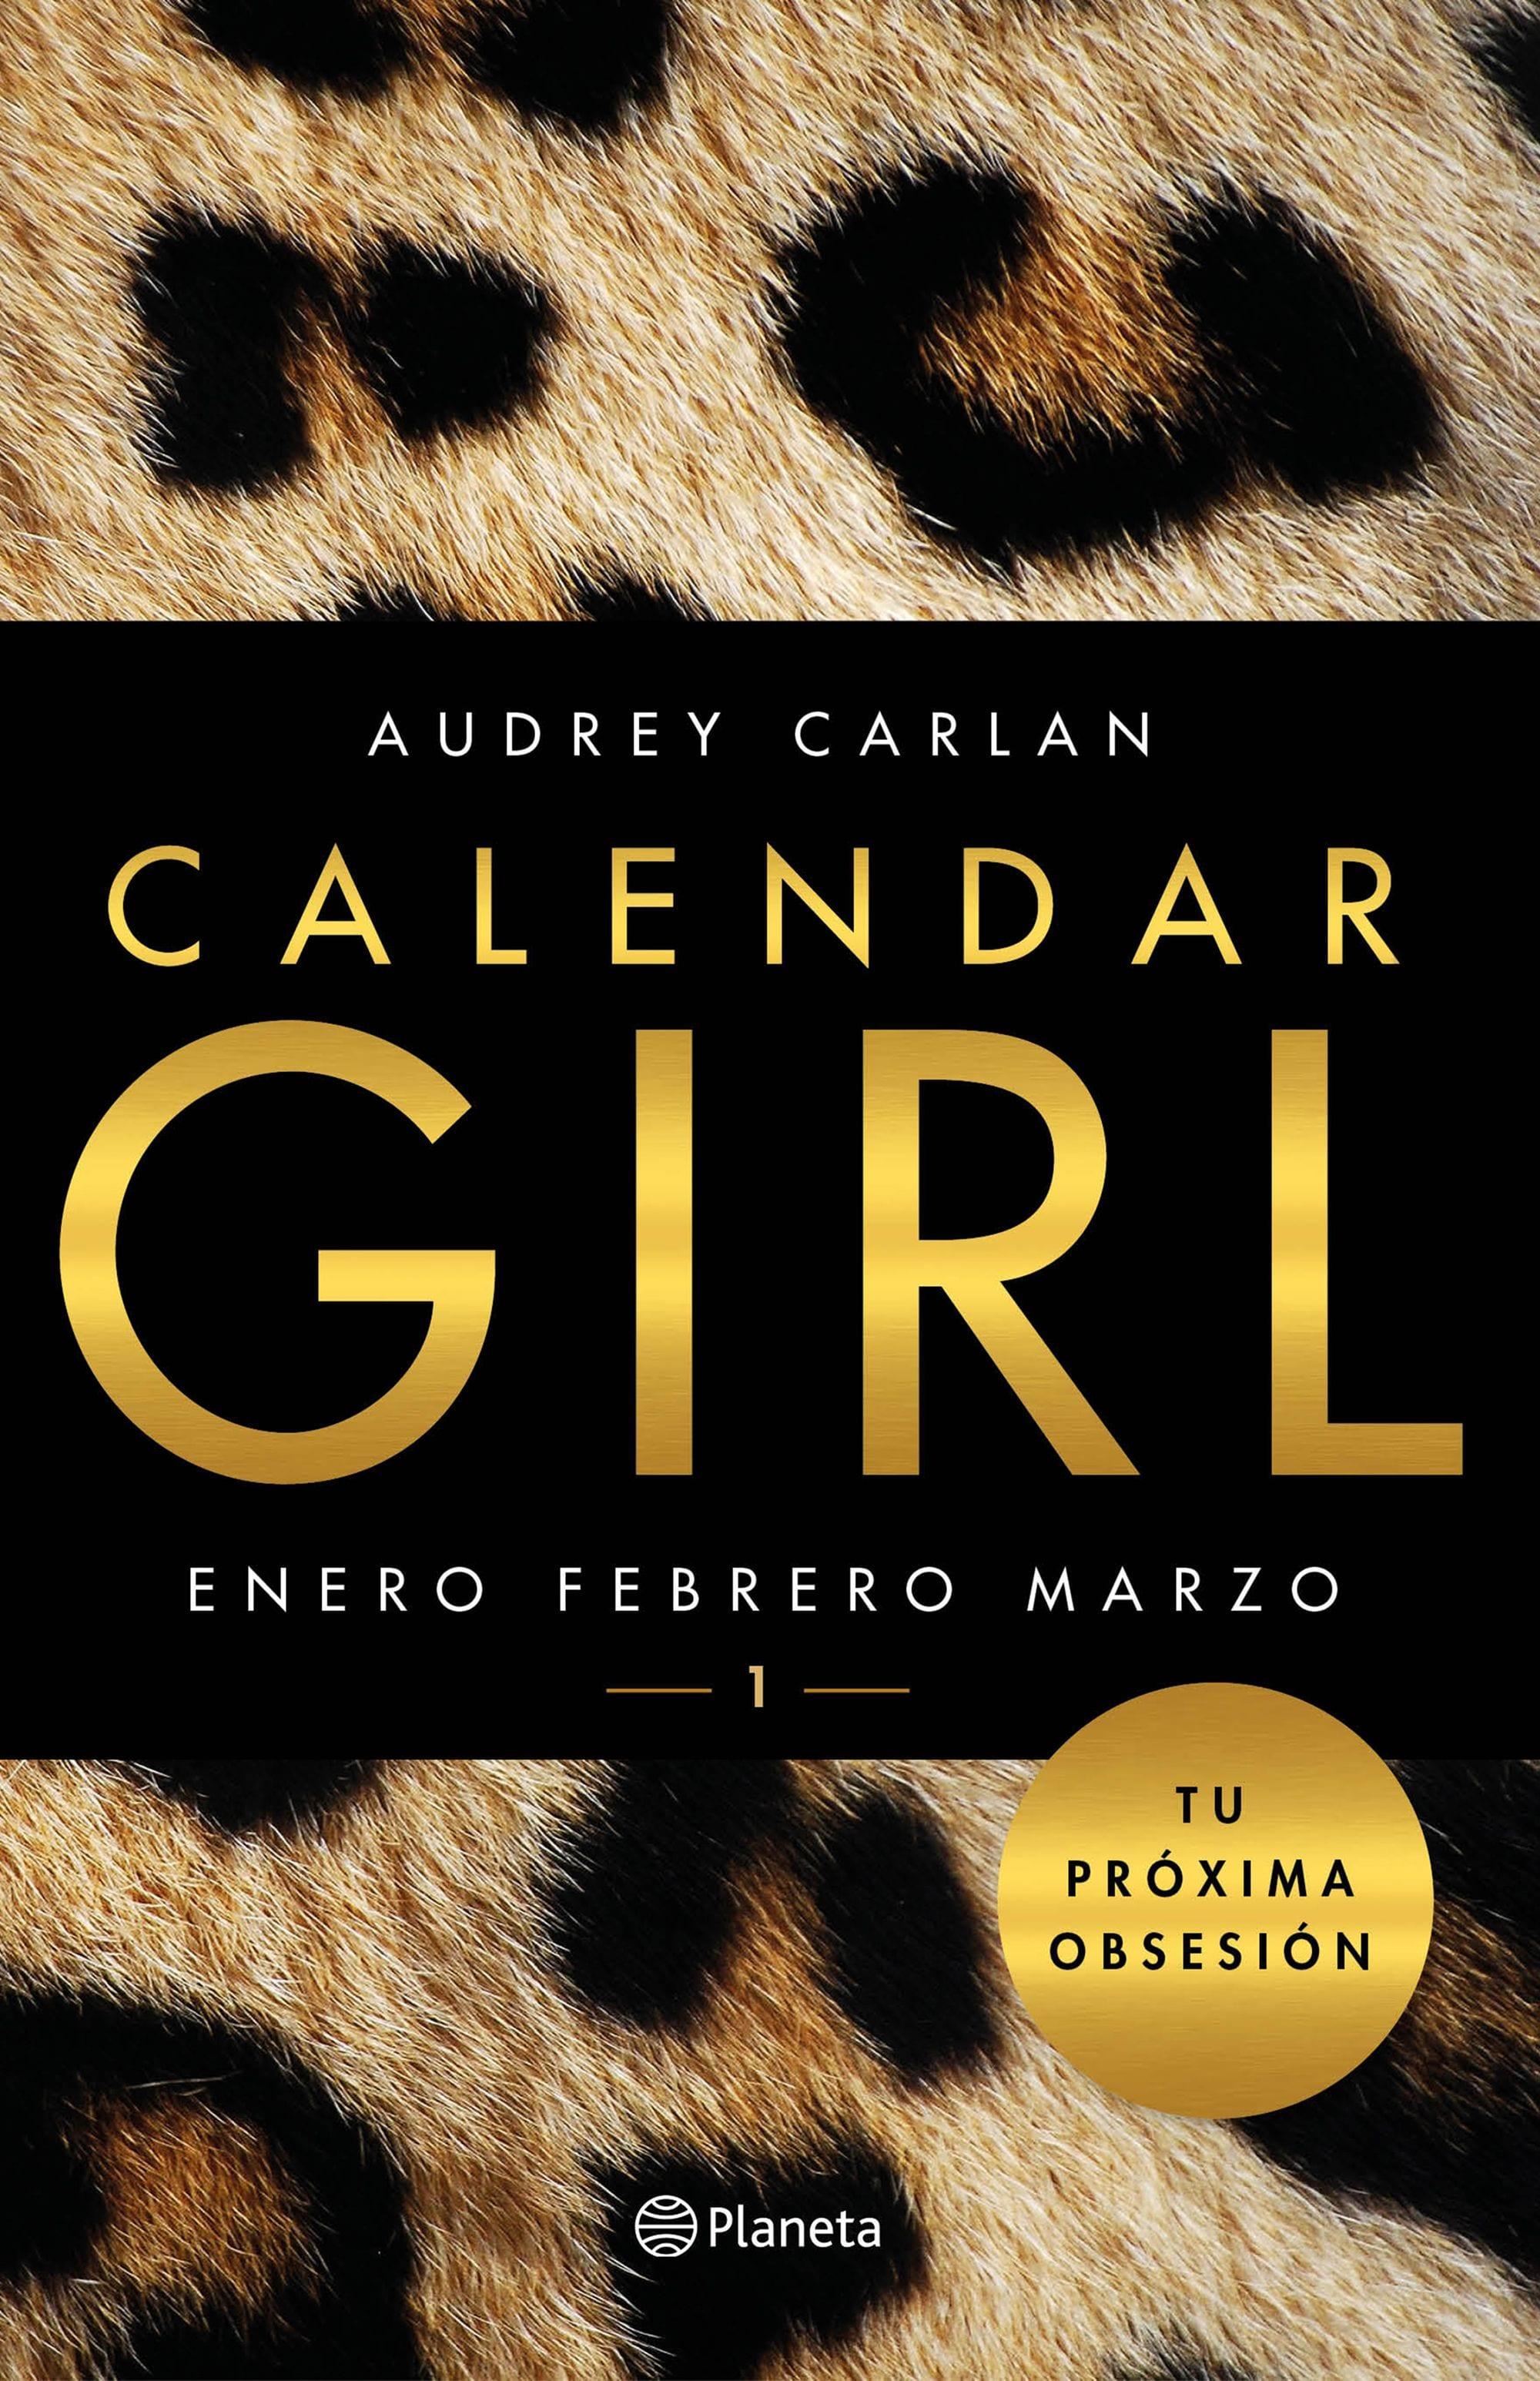 Calendar Girl 2 de Audrey Carlan – Reseña